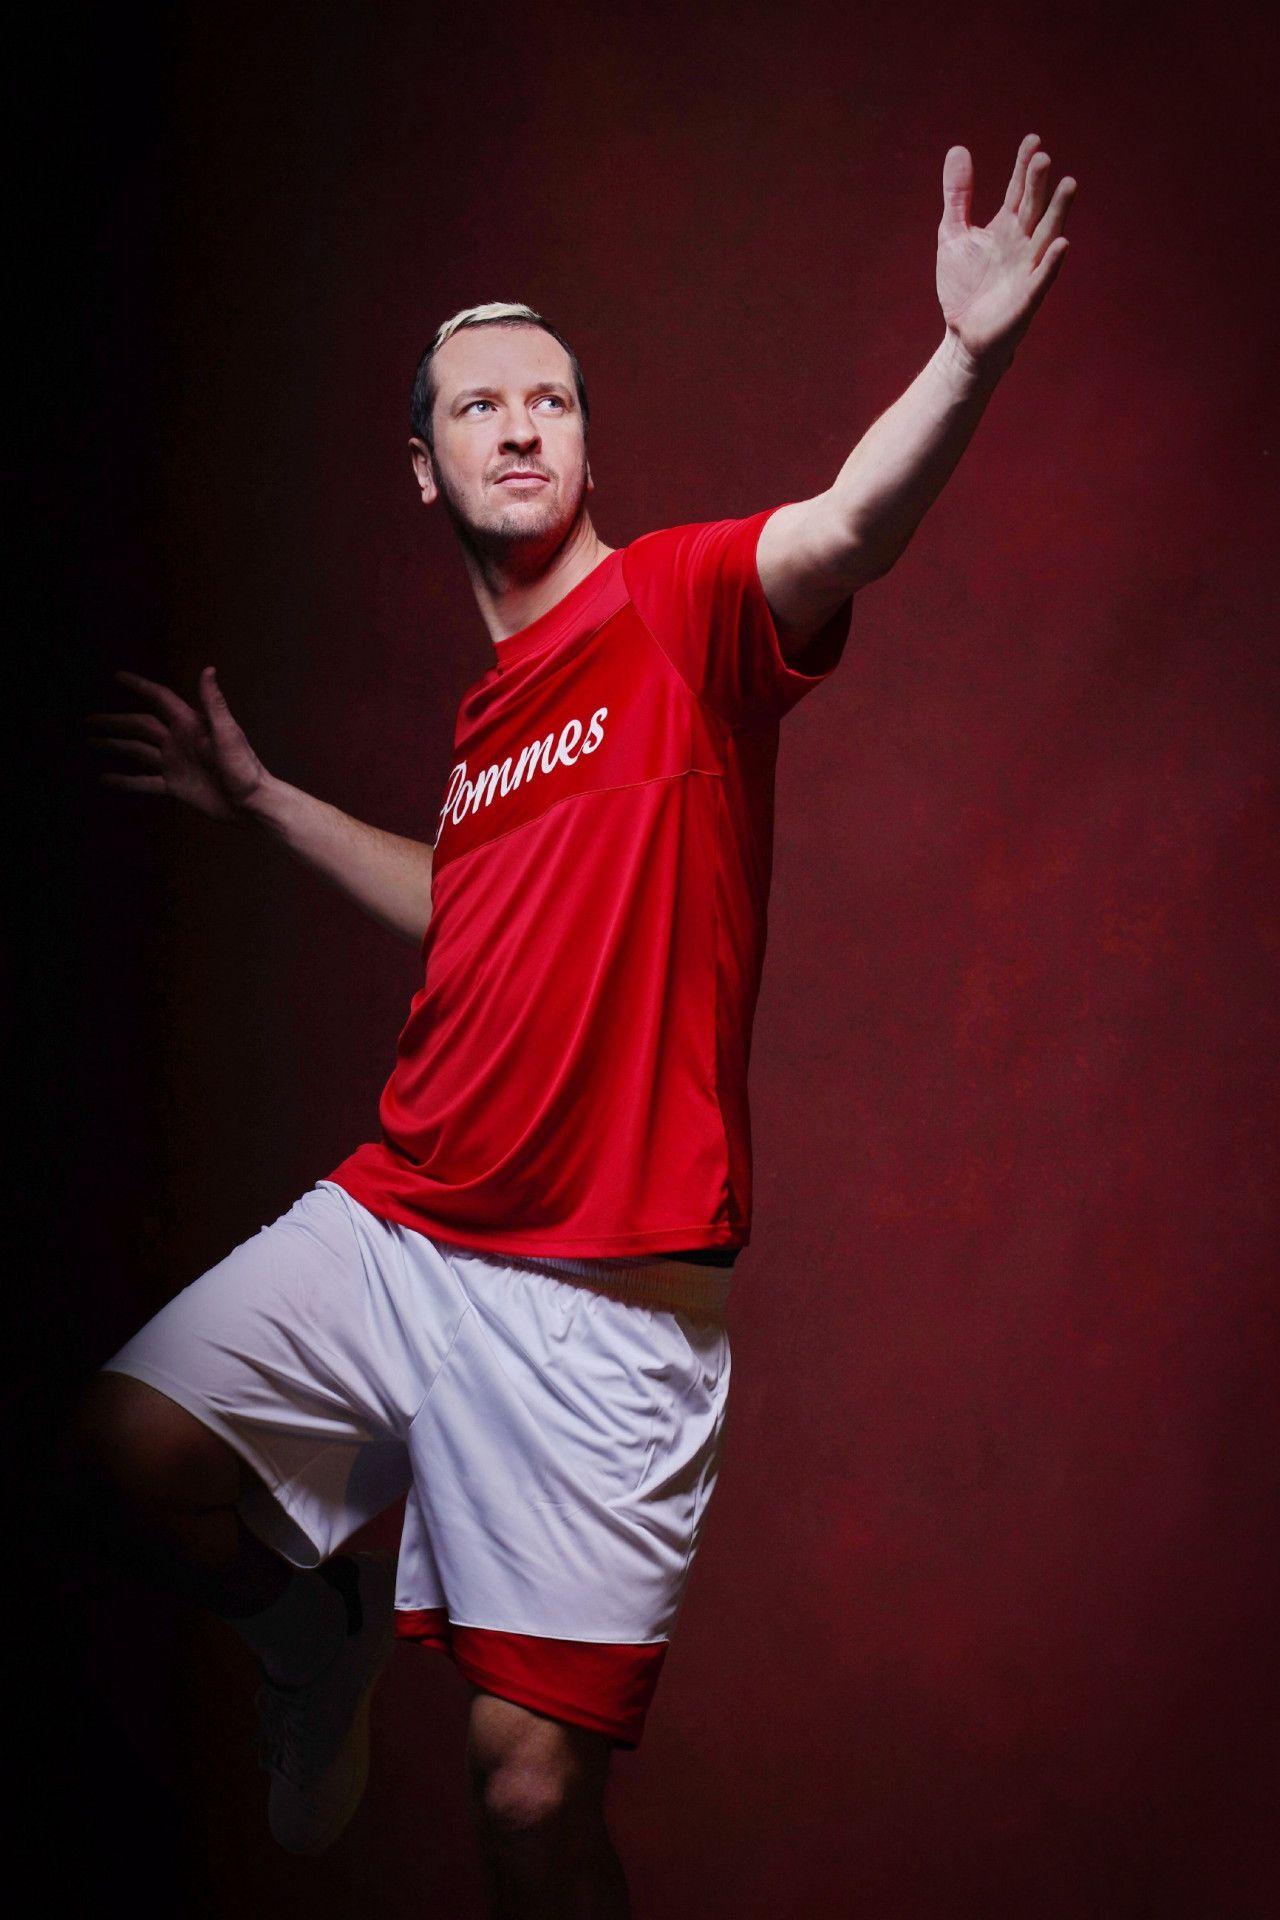 """Pascal Hens, Handball-Weltmeister von 2007, wagt ebenfalls den Gang auf das Parkett. Wie schlägt sich """"Pommes"""" in einer Sportart, die bis auf hartes Training nicht viel gemein hat mit Handball?"""